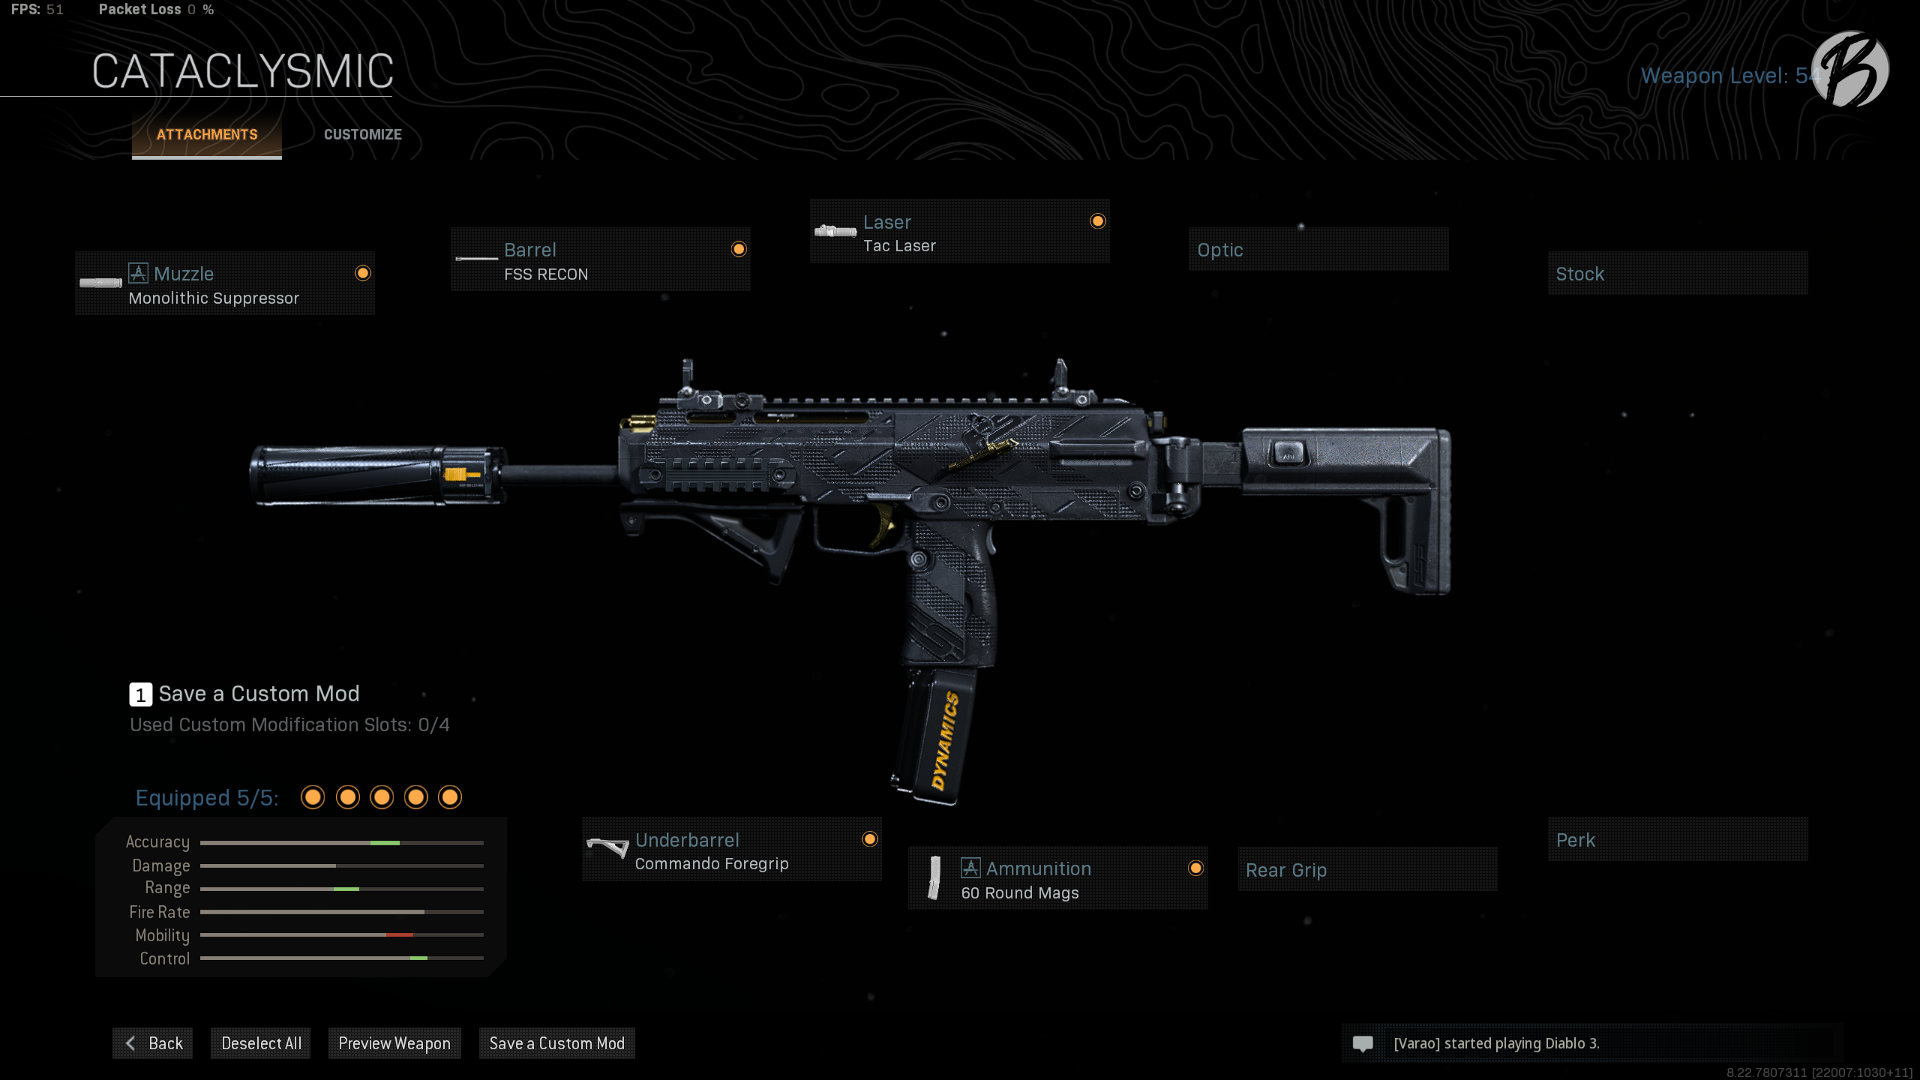 MP7: Monolithic Integral Suppressor, FSS Recon, Tac Laser, Commando Foregrip, 60 Round Magazin